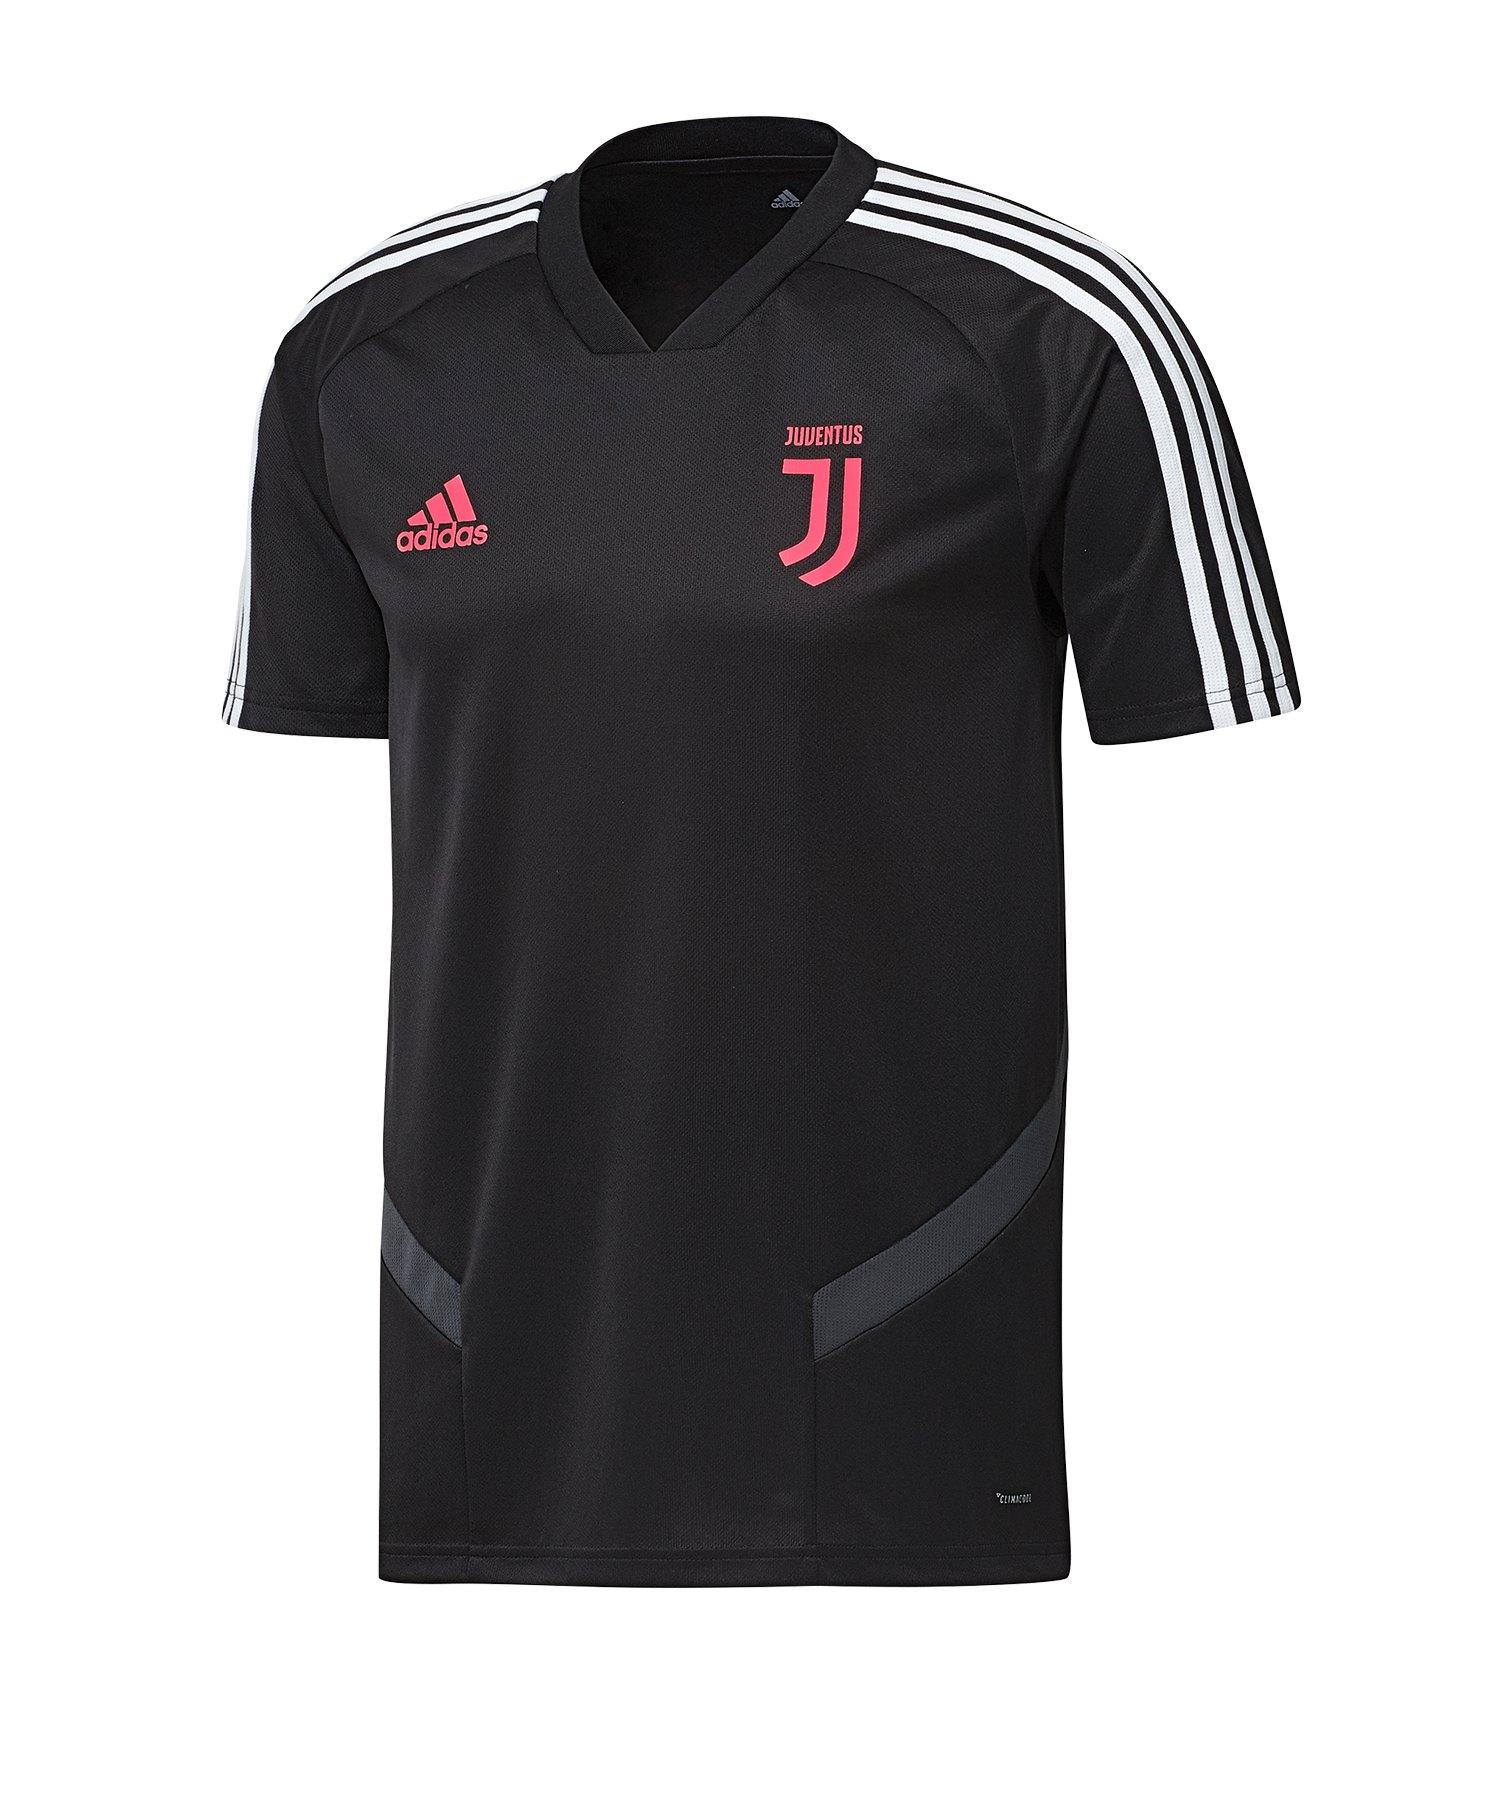 adidas Juventus Turin Trainingstrikot Schwarz Grau - Schwarz